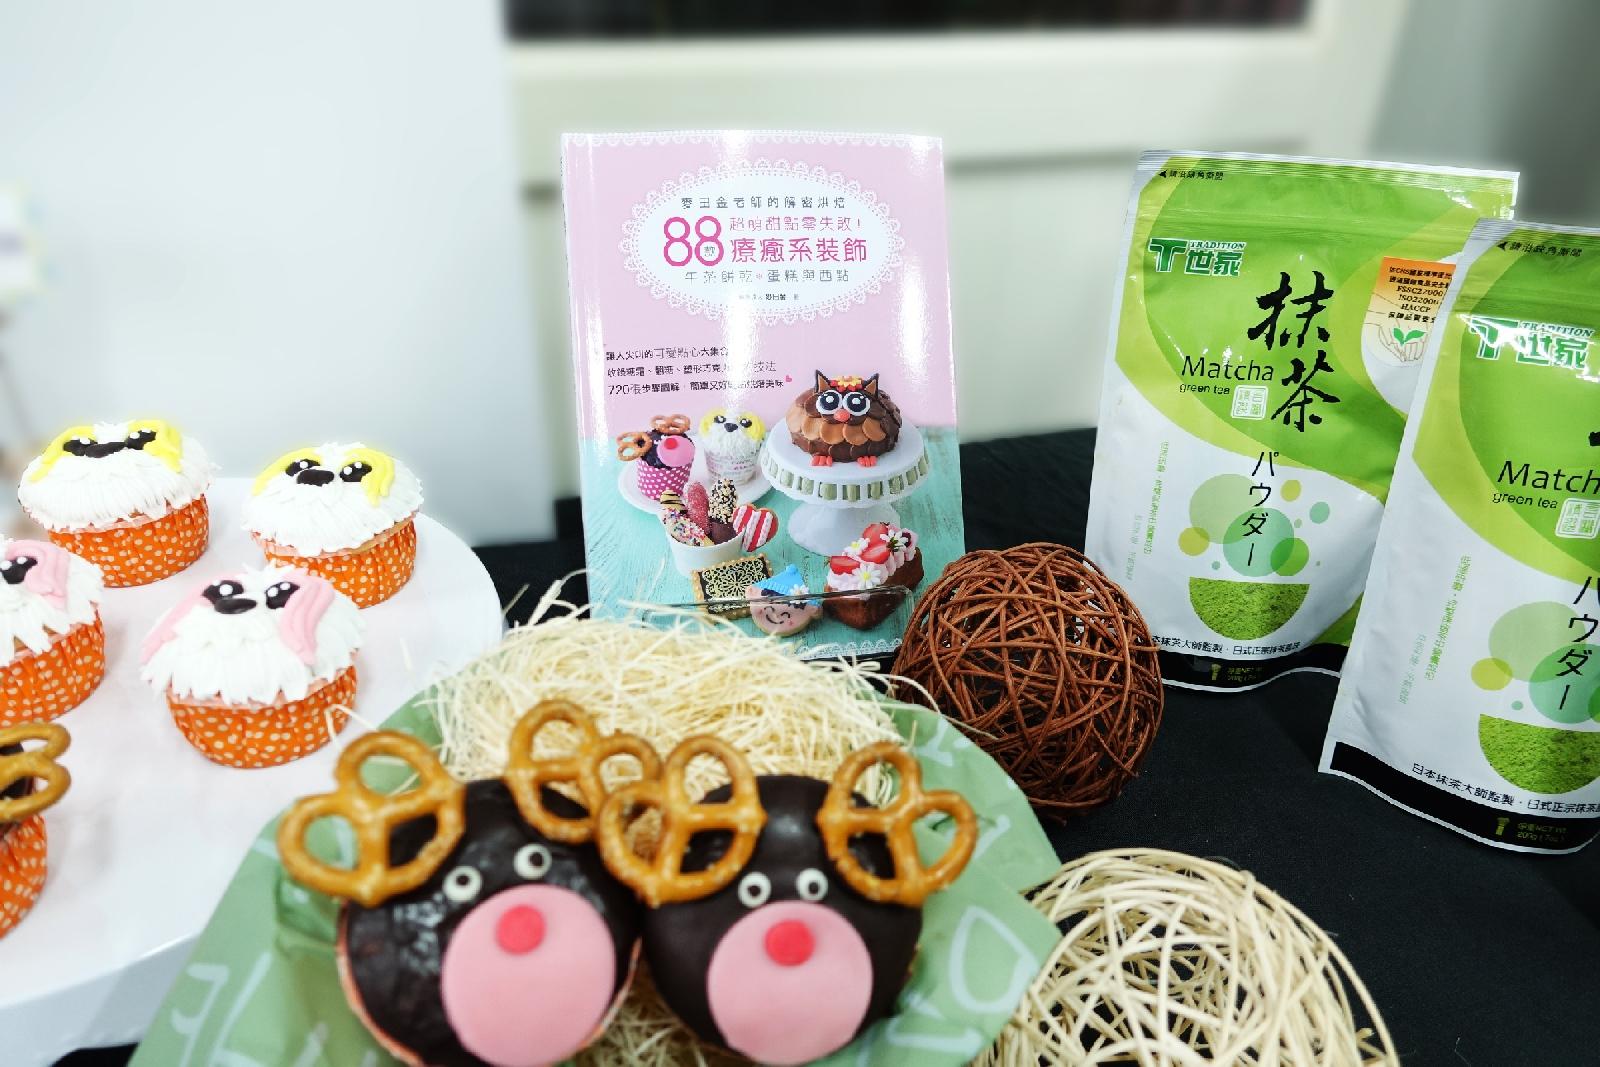 麥田金老師推薦,用台灣新鮮茶葉,正宗日式工法蒸菁研磨而成的高優質日式抹茶